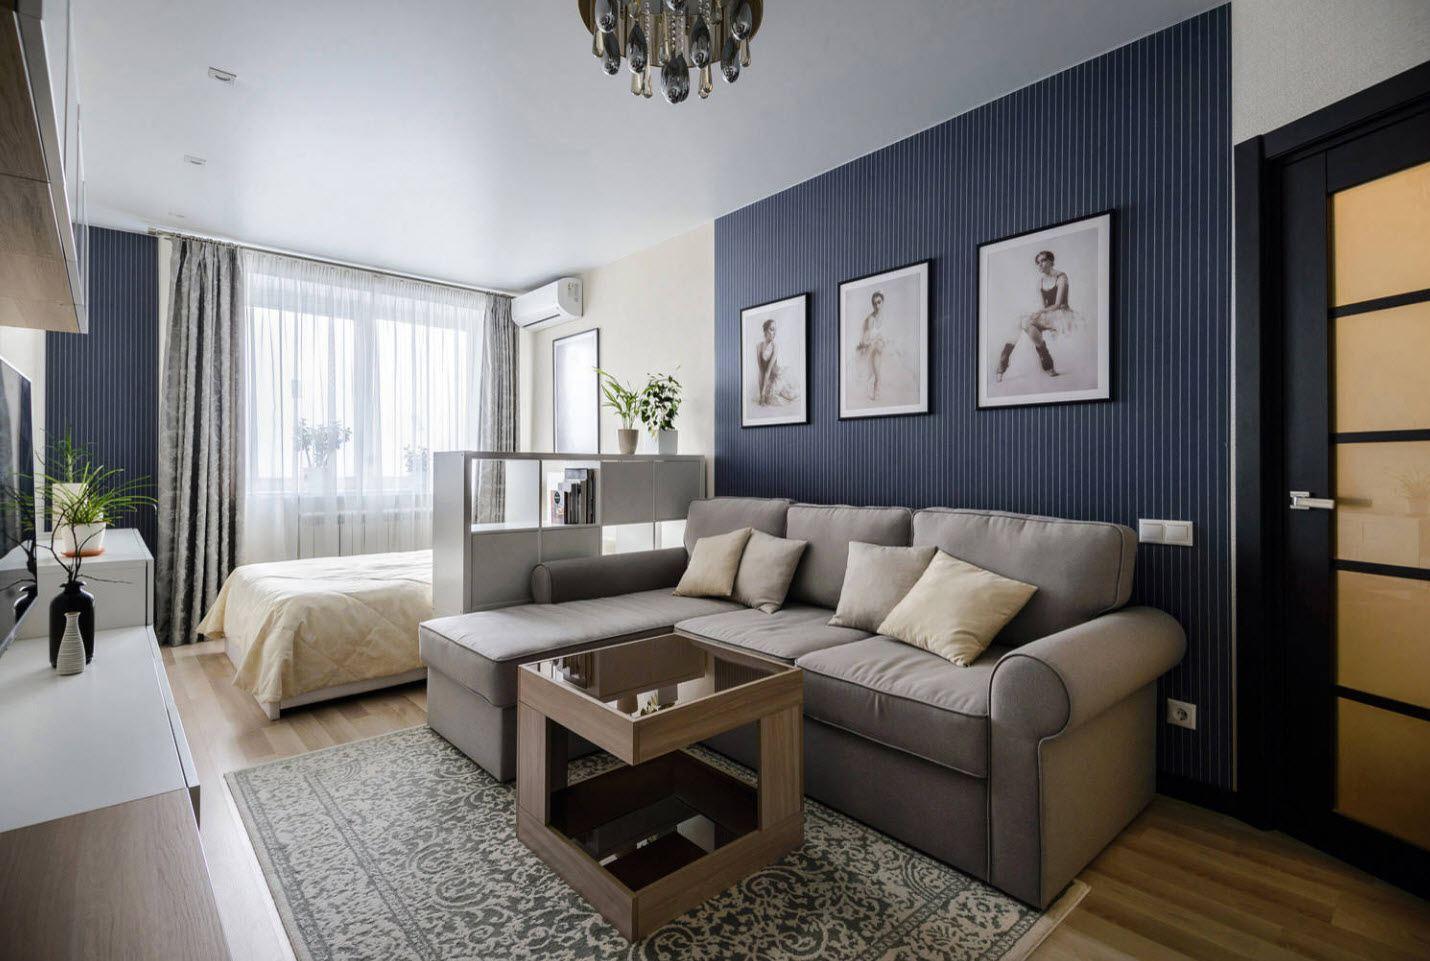 Дизайн комнаты кровать и диван картинки